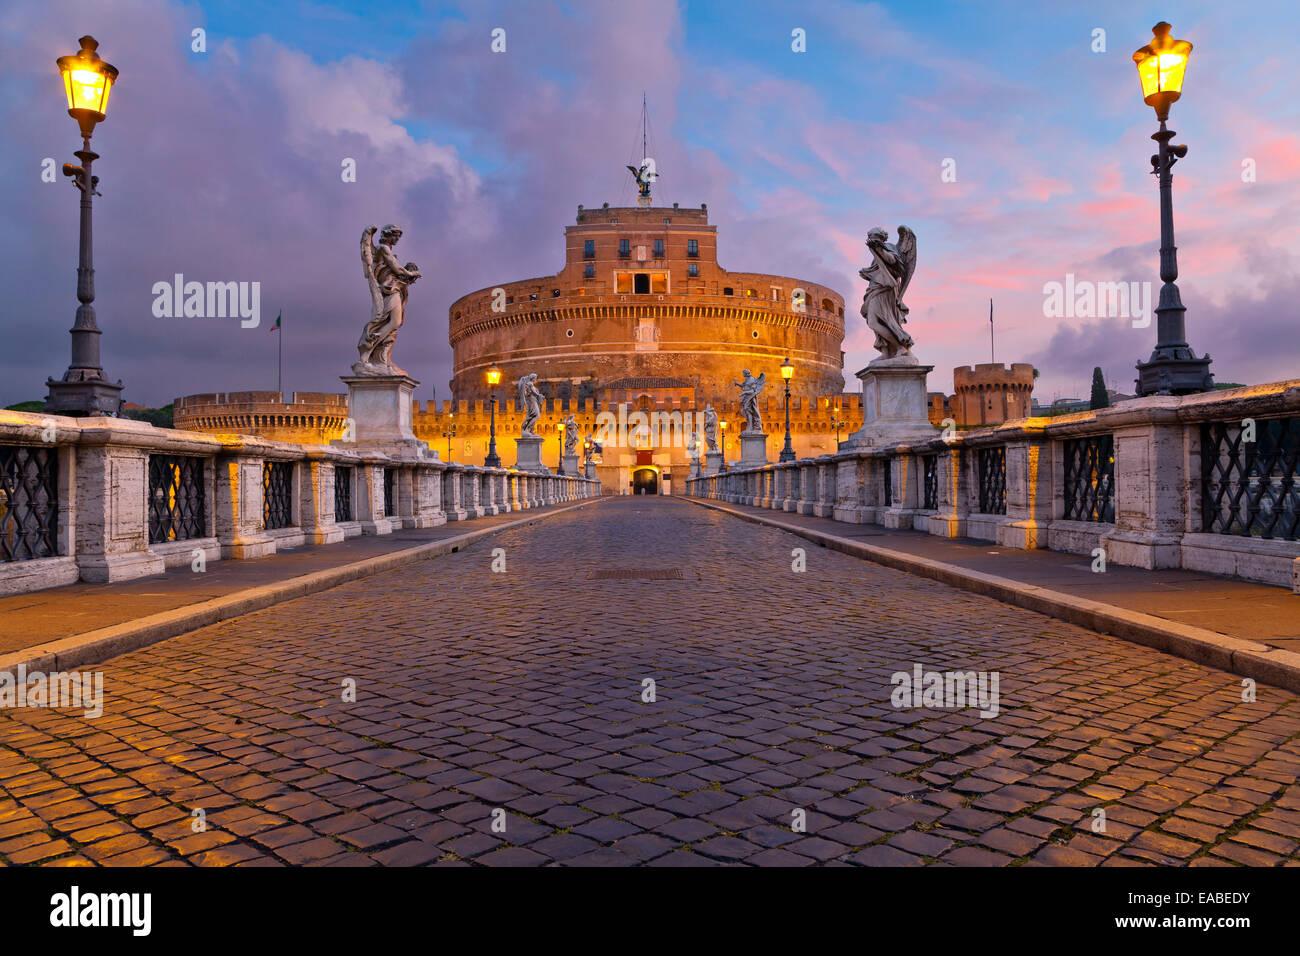 Image du Château de Saint Ange Saint Ange et pont sur le Tibre à Rome au lever du soleil. Photo Stock